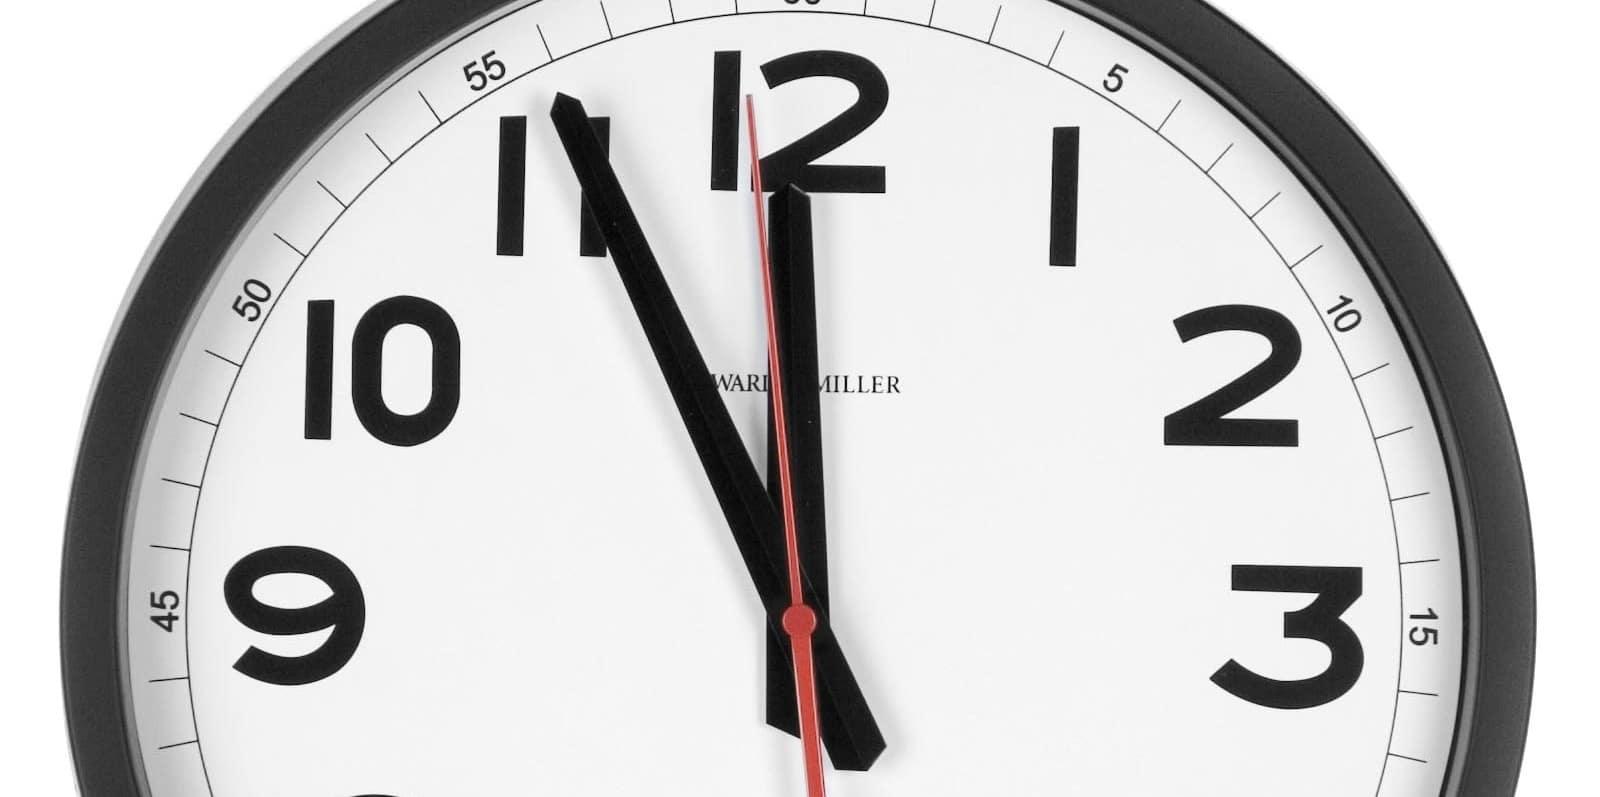 Une horloge indique mois 5 minutes